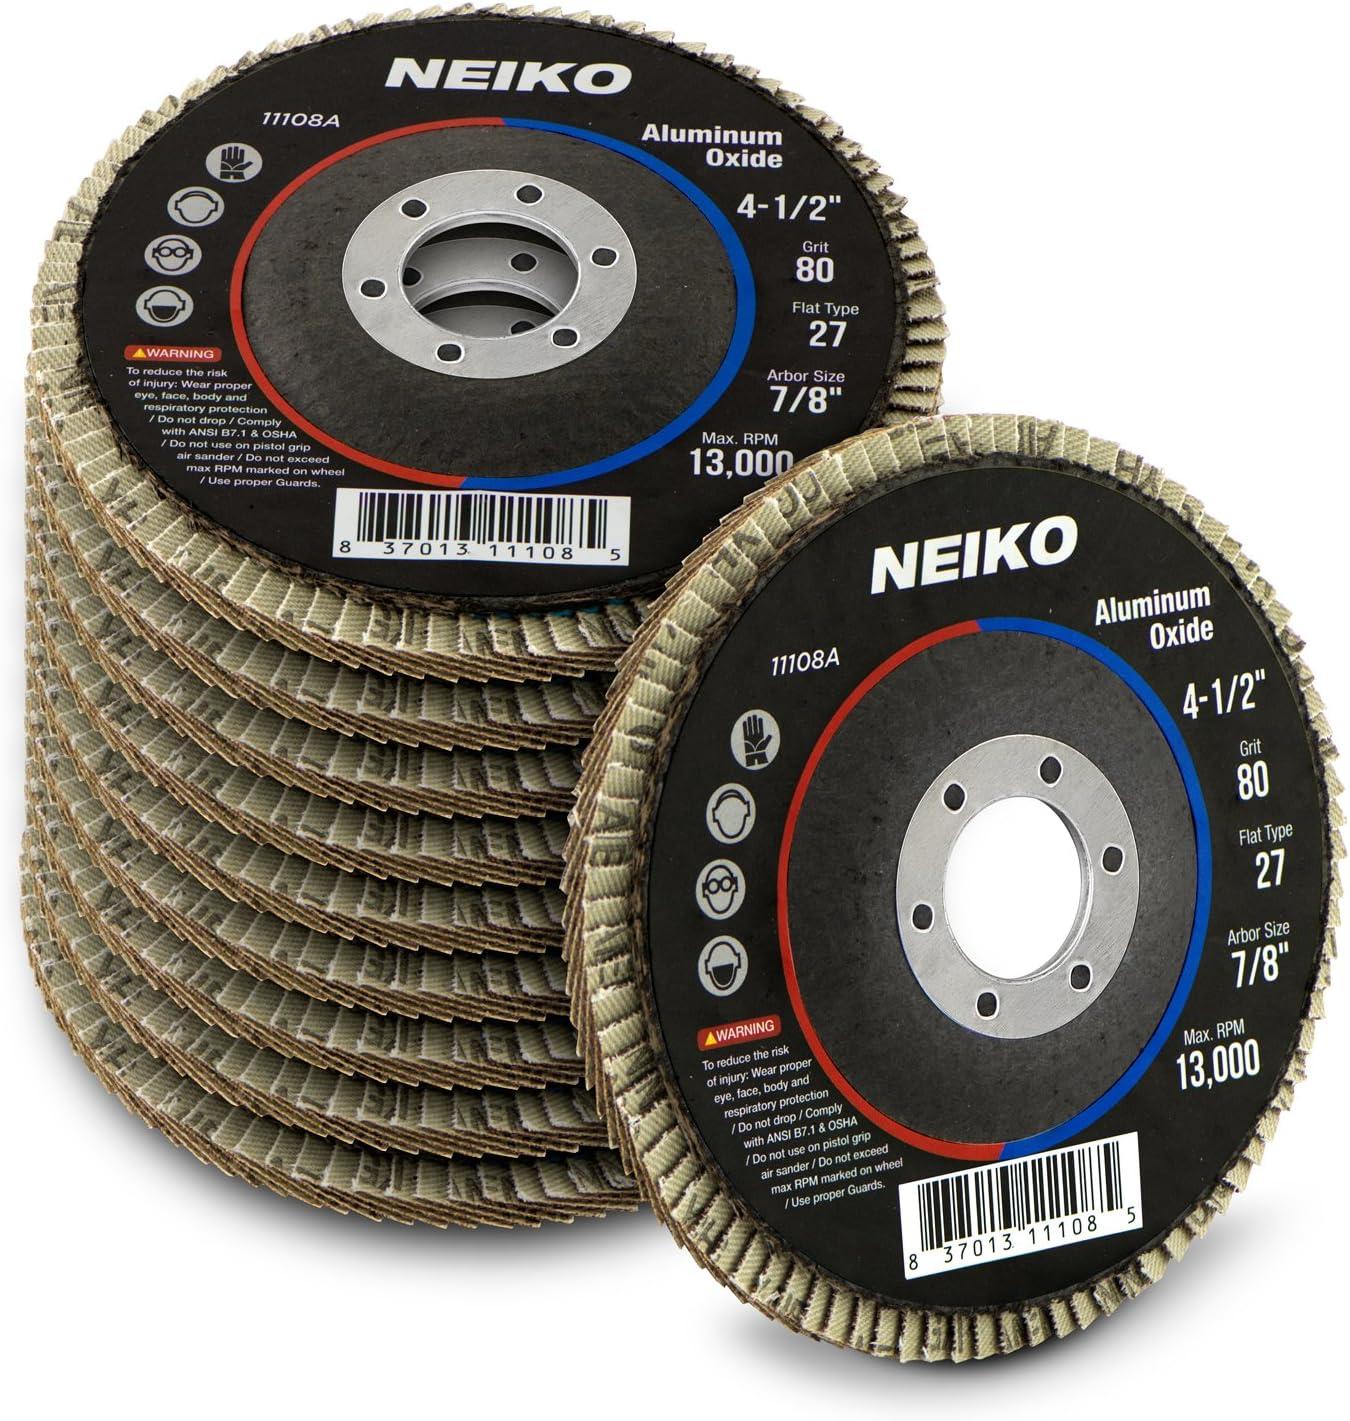 Neiko 11108A Aluminum Oxide Flap Disc | 4.5&Quot; X 7/8-Inch, 80 Grit, Flat Type #27-10 Pack, Original Version